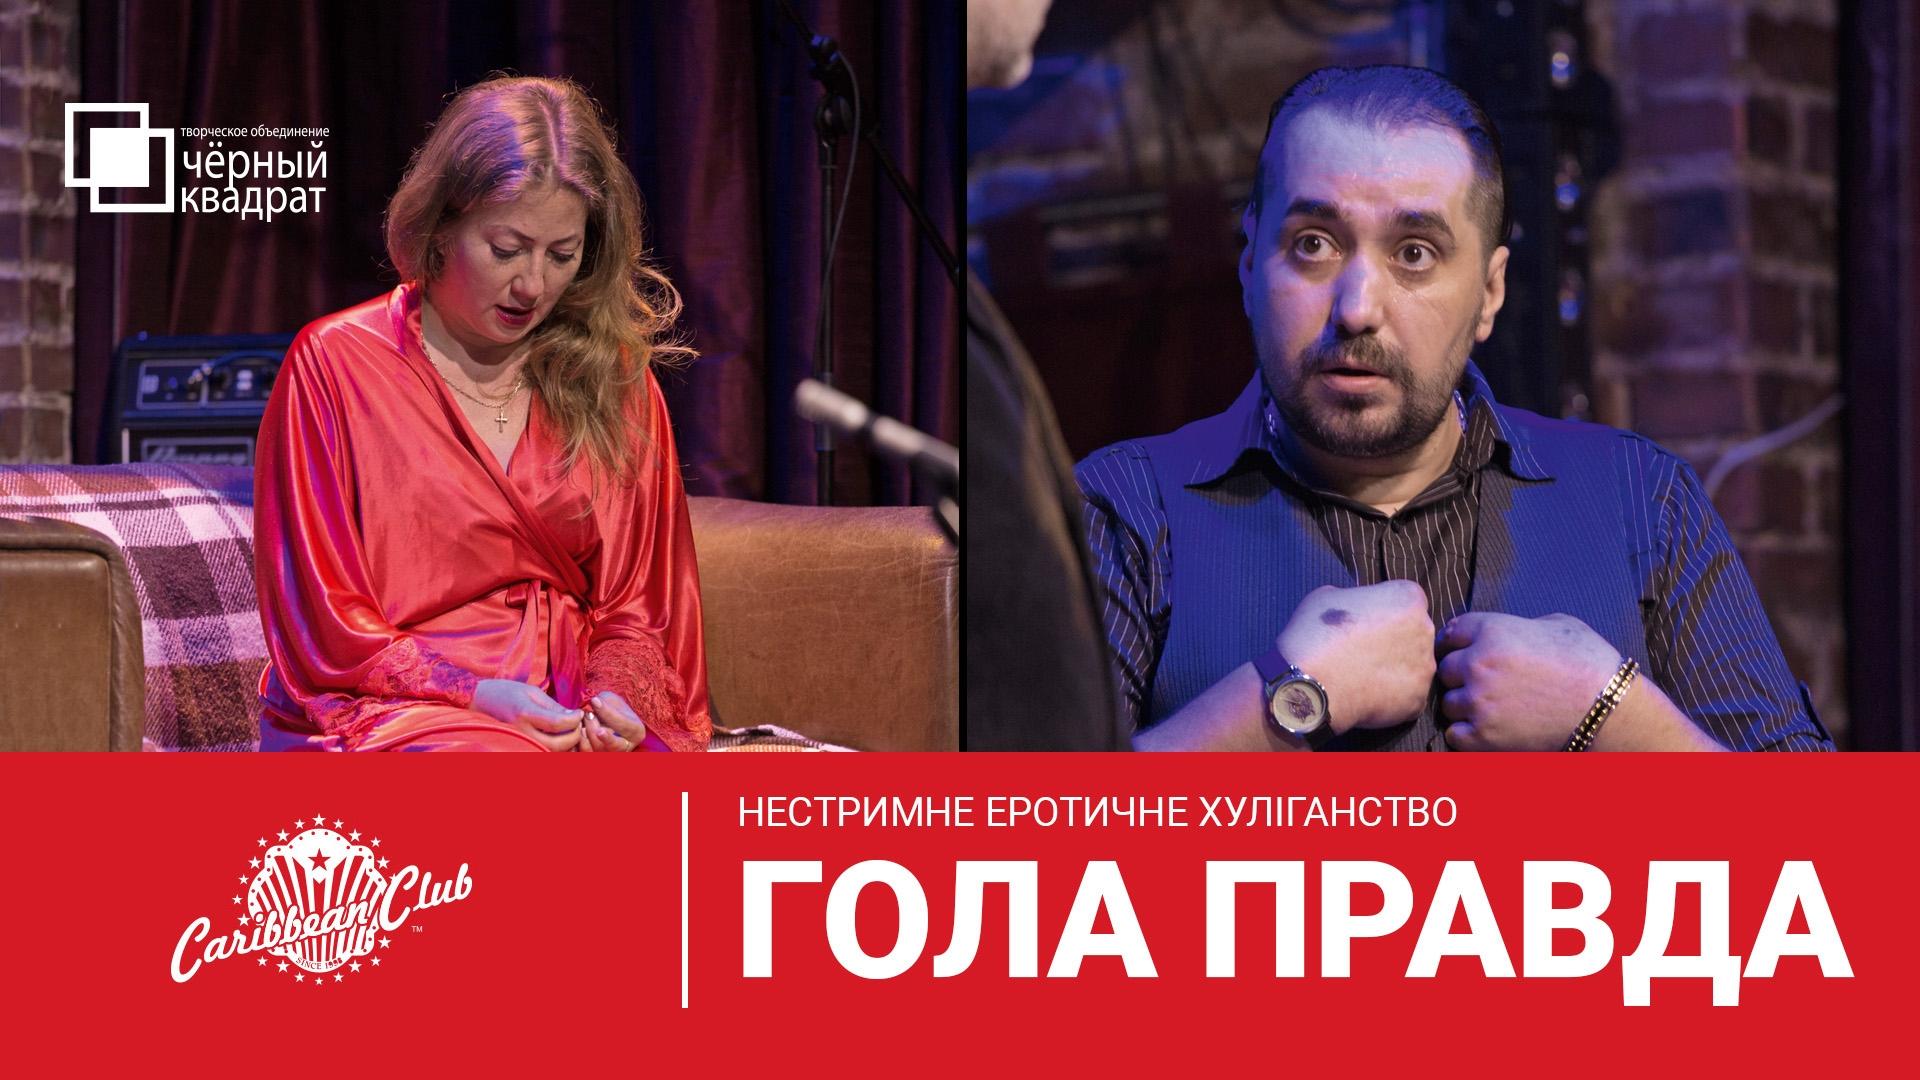 Юмористические события в Киеве: где отдохнуть и посмеяться от души - фото №5